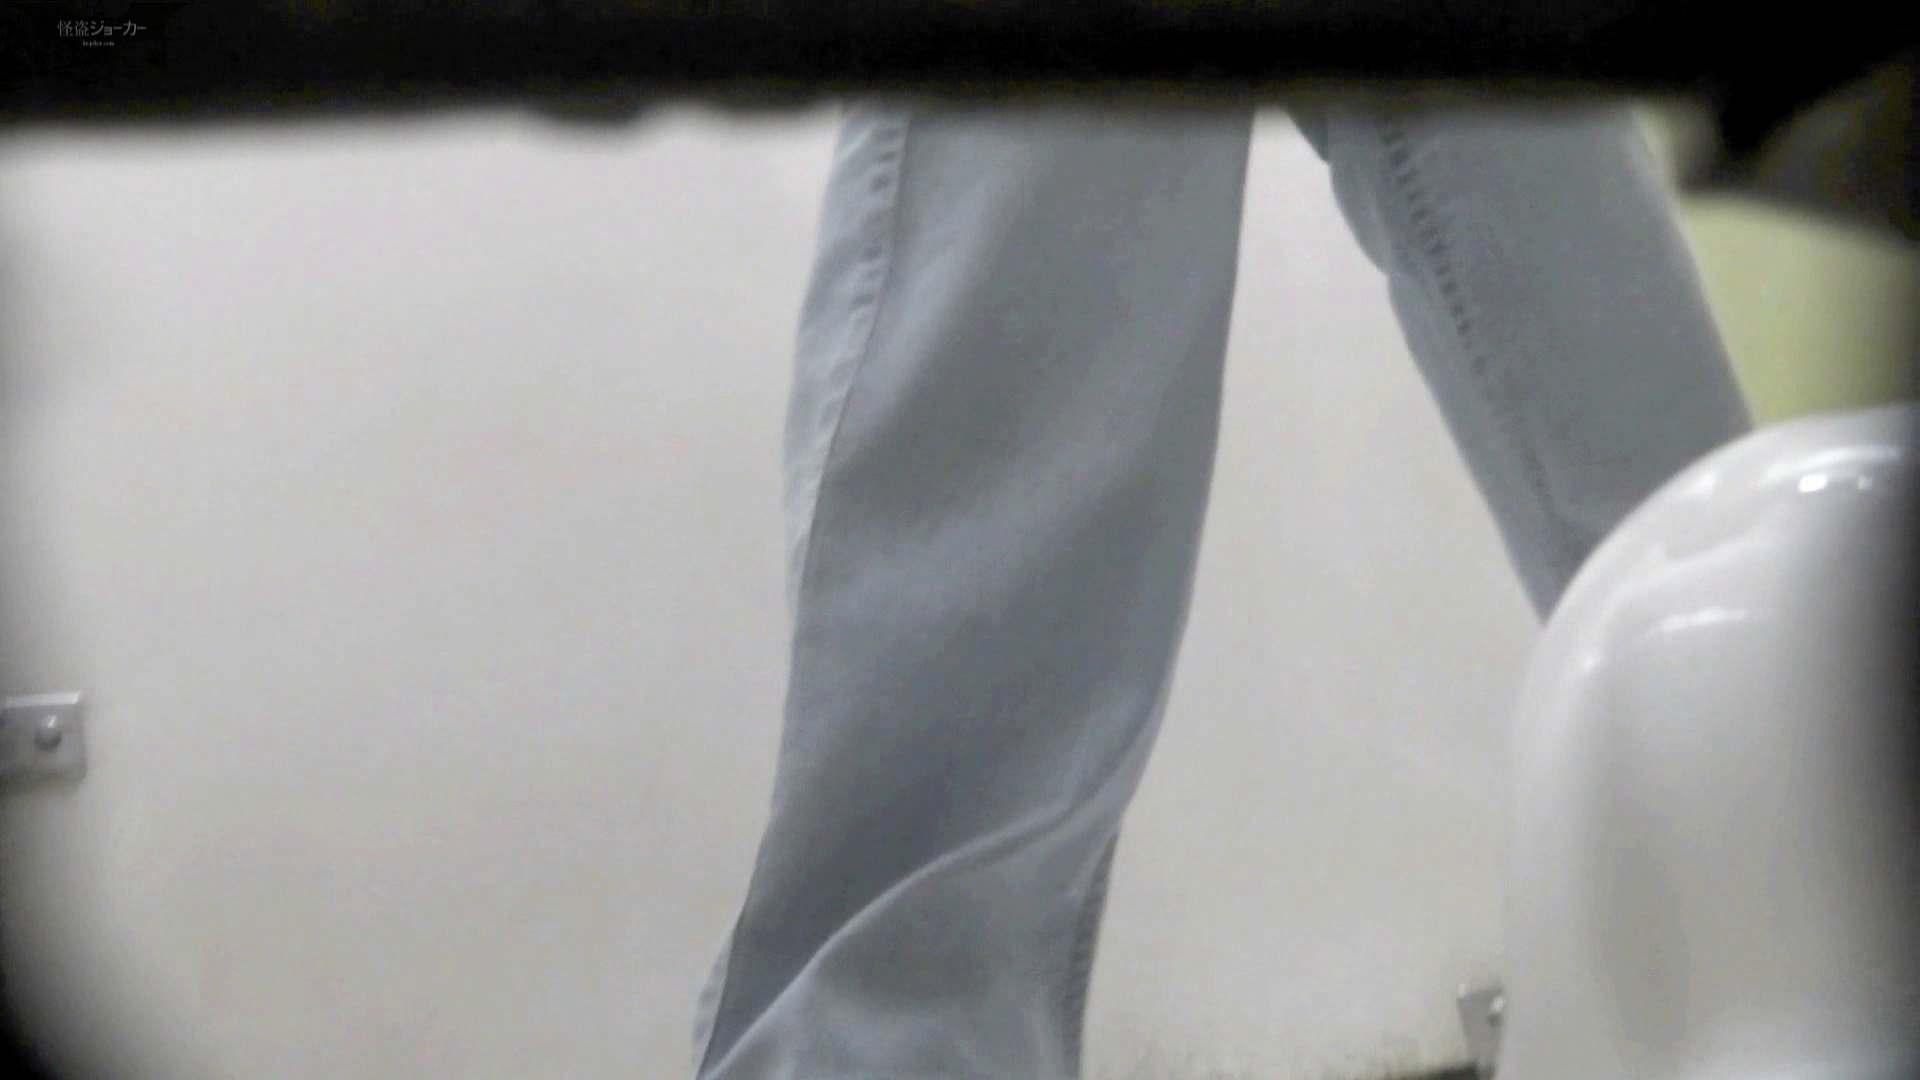 洗面所特攻隊 vol.69早く出て行け、デブちゃん外の子漏れちゃうよ 洗面所 すけべAV動画紹介 100連発 51